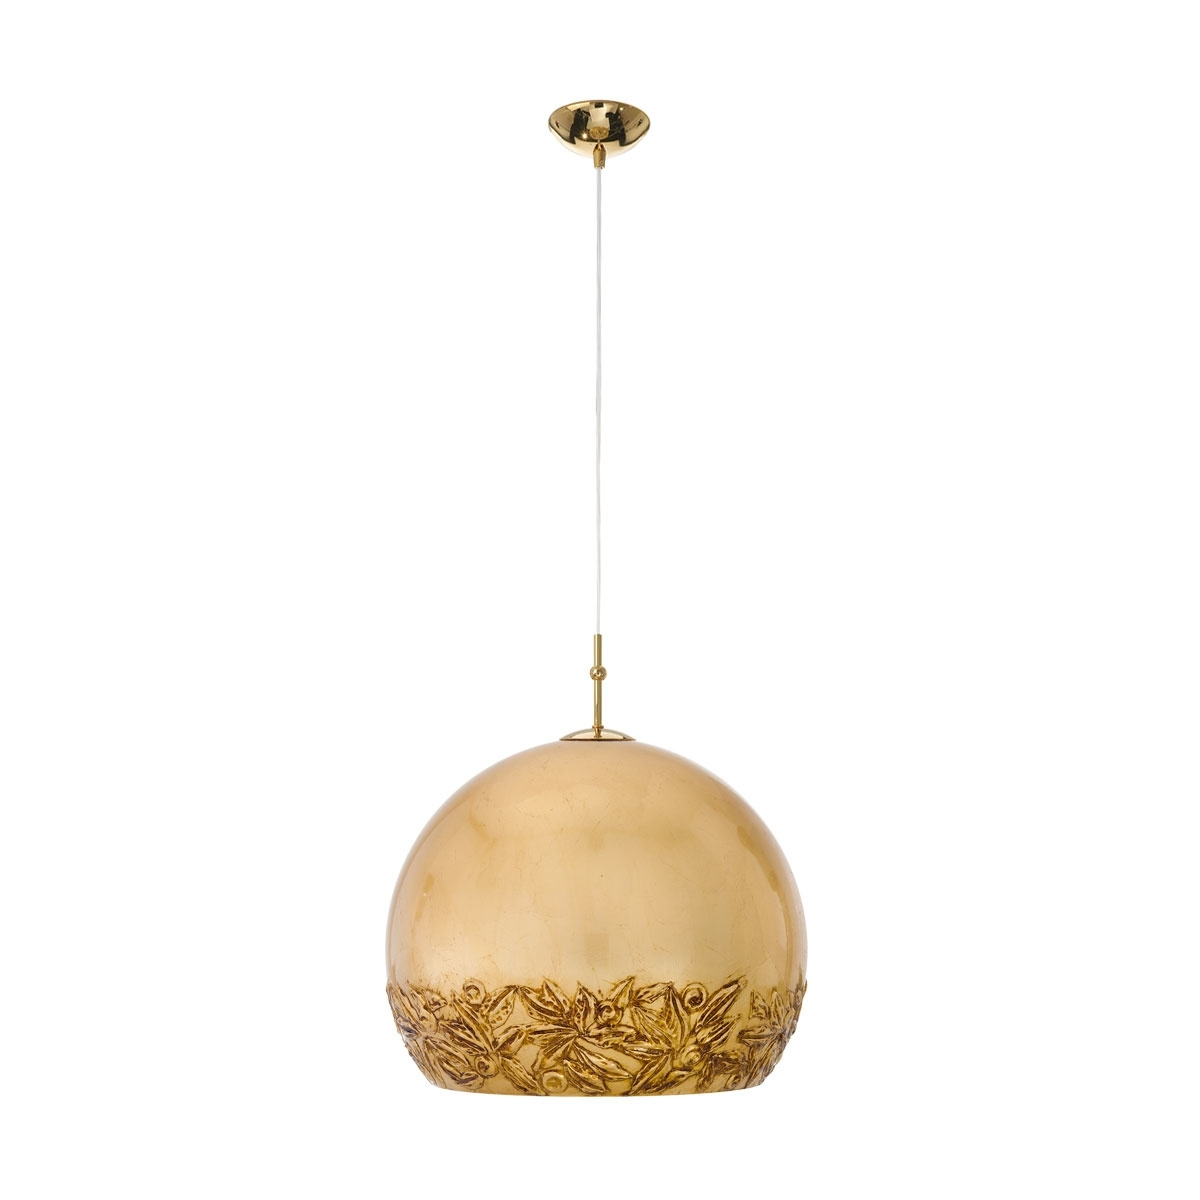 kolarz-pendelleuchte-luna-pl-gold-glas-metall-0392-31xl-3-li-ga